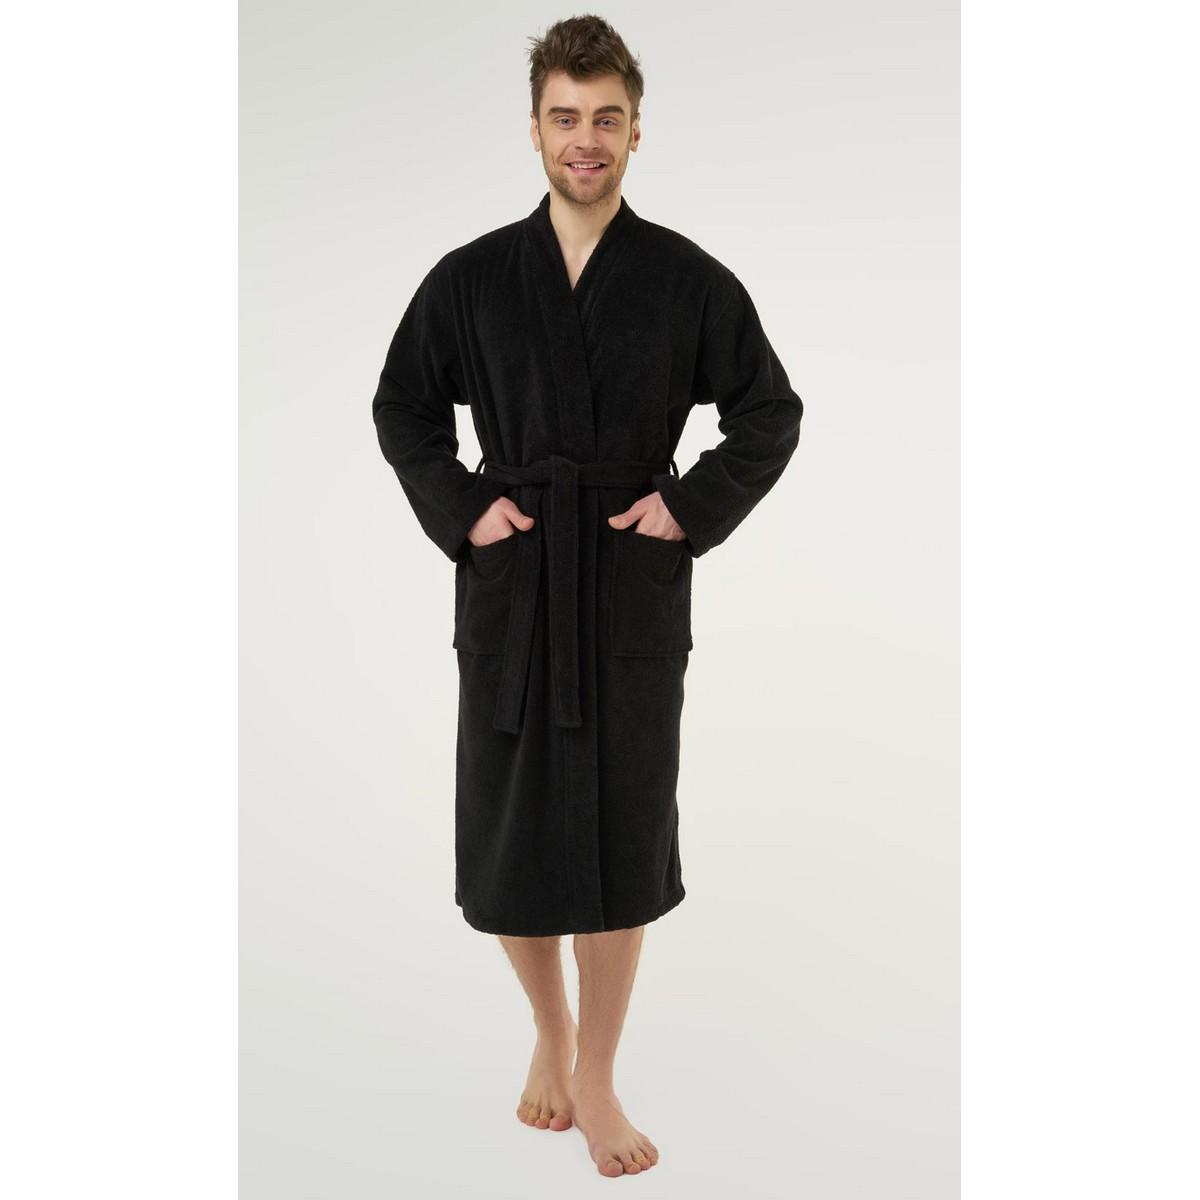 Black Bathrobe for Men & Women